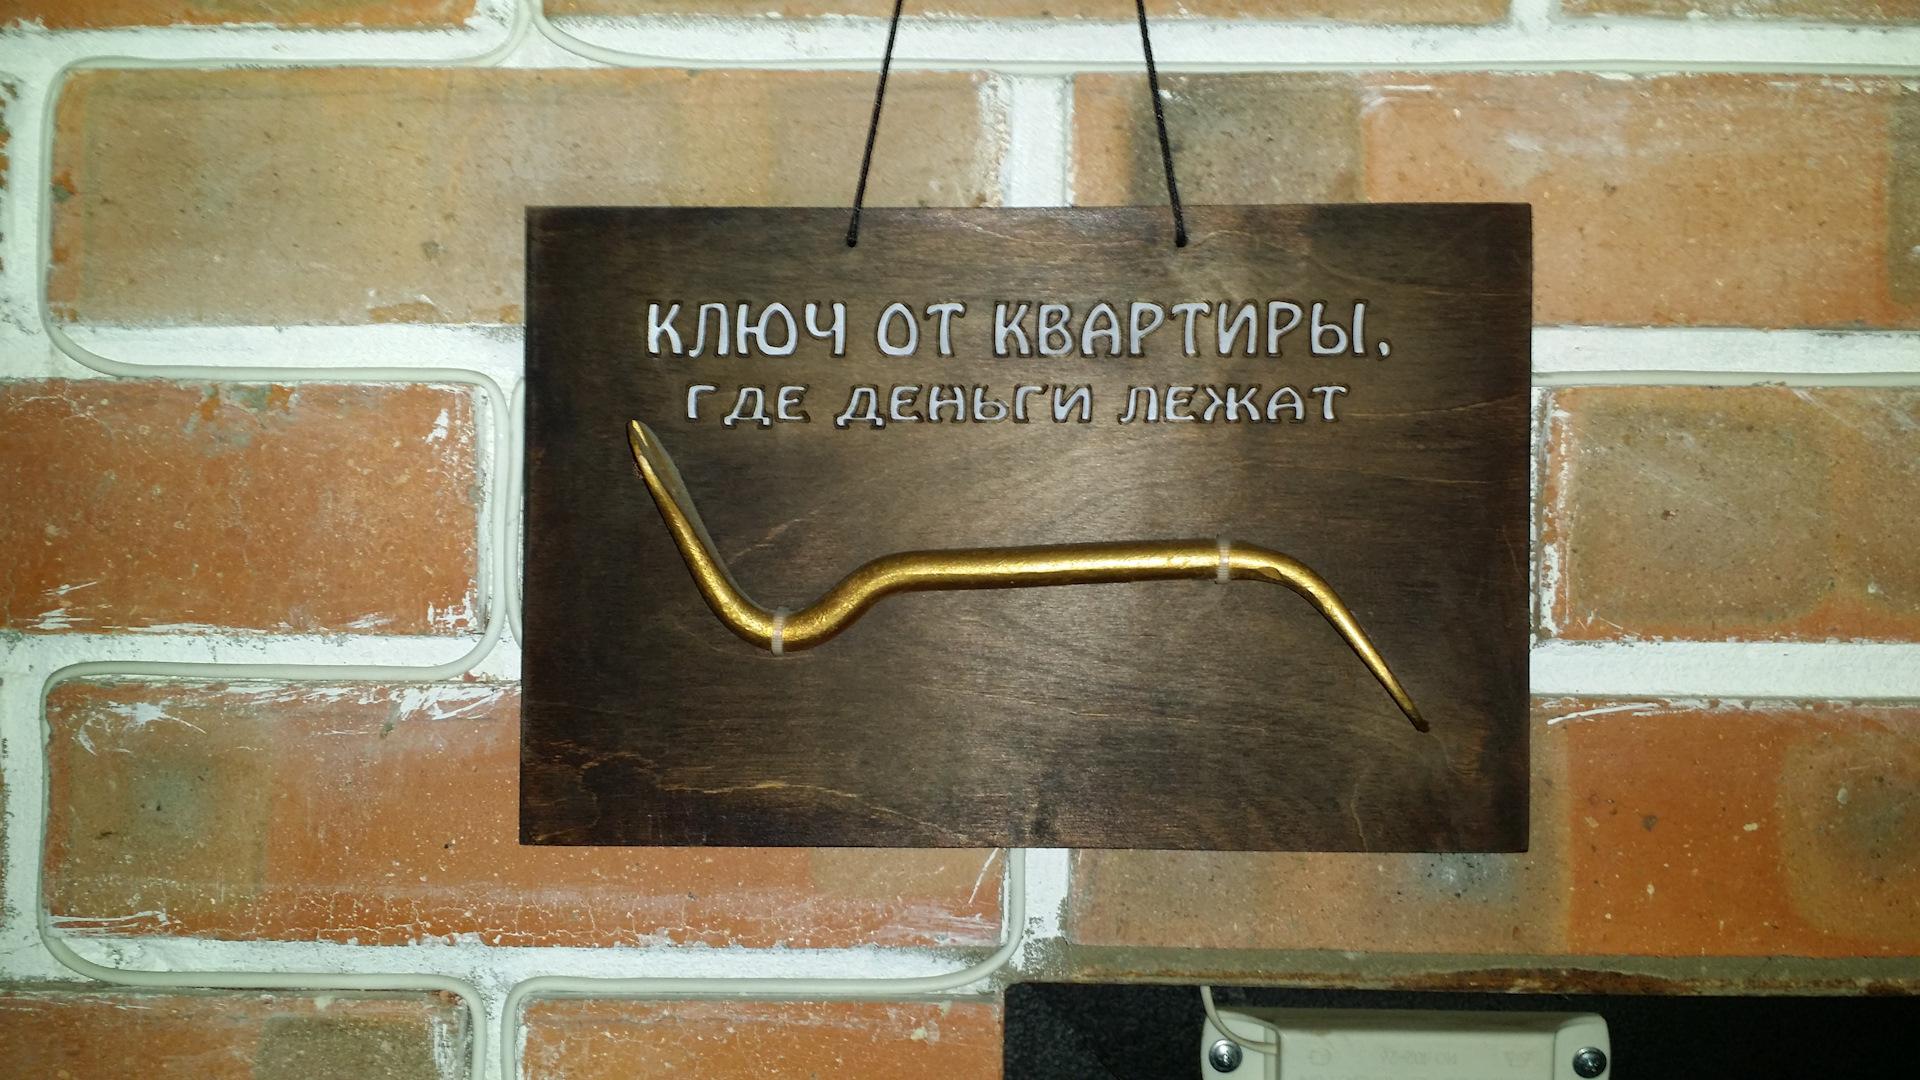 обусловлено картинка ключ от квартиры где деньги лежат что нужно сделать